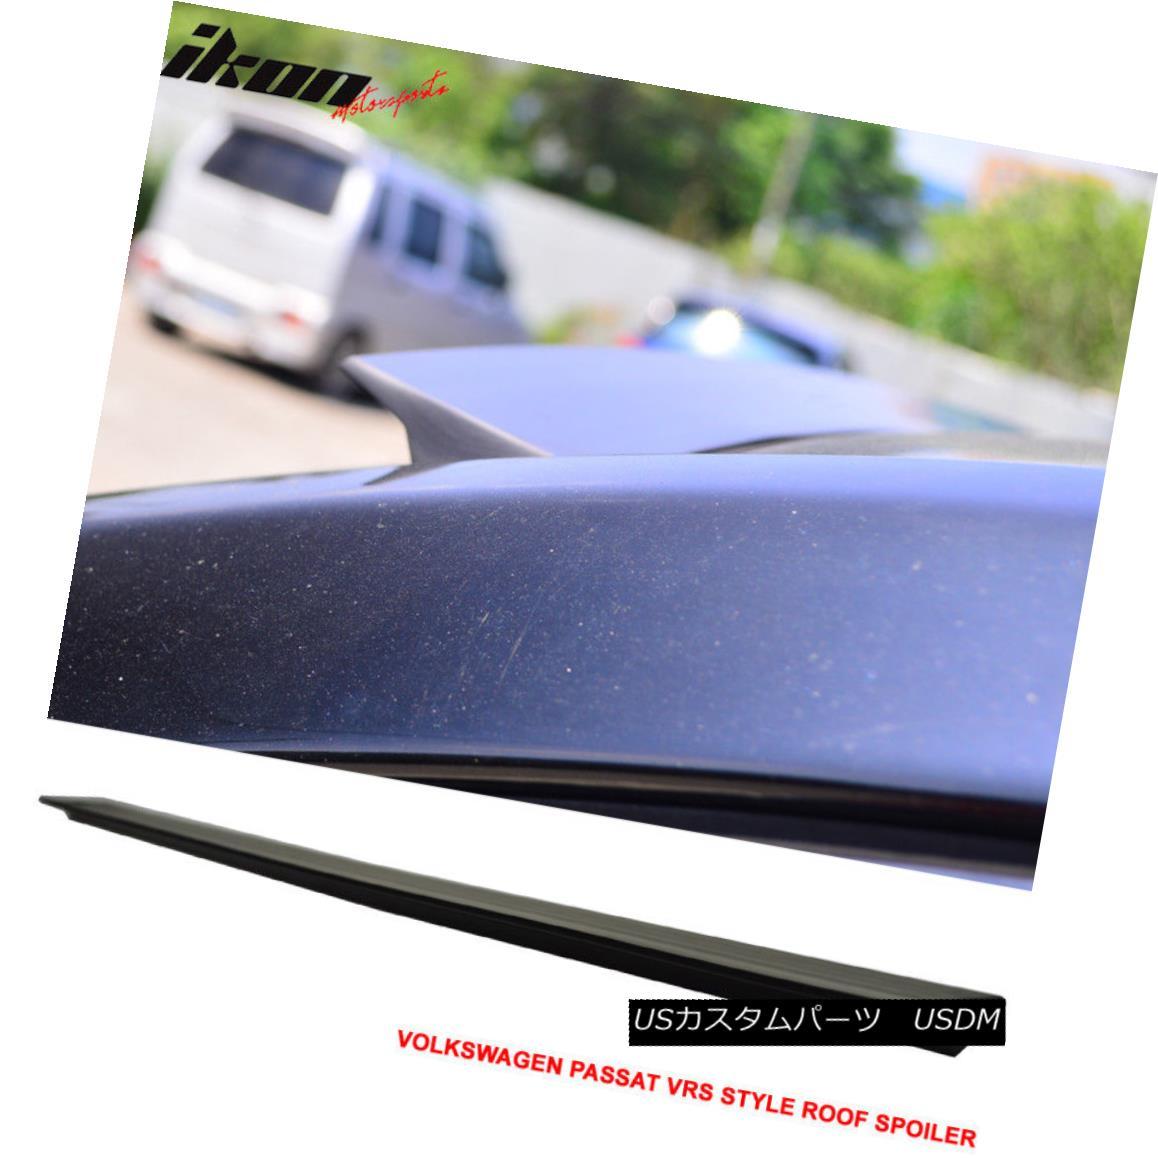 エアロパーツ 11-17 VW Passat B7 VRS Style Unpainted Rear Roof Spoiler Wing Visor - PUF 11-17 VWパサートB7 VRSスタイル未塗装リアルーフスポイラーウイングバイザー - PUF